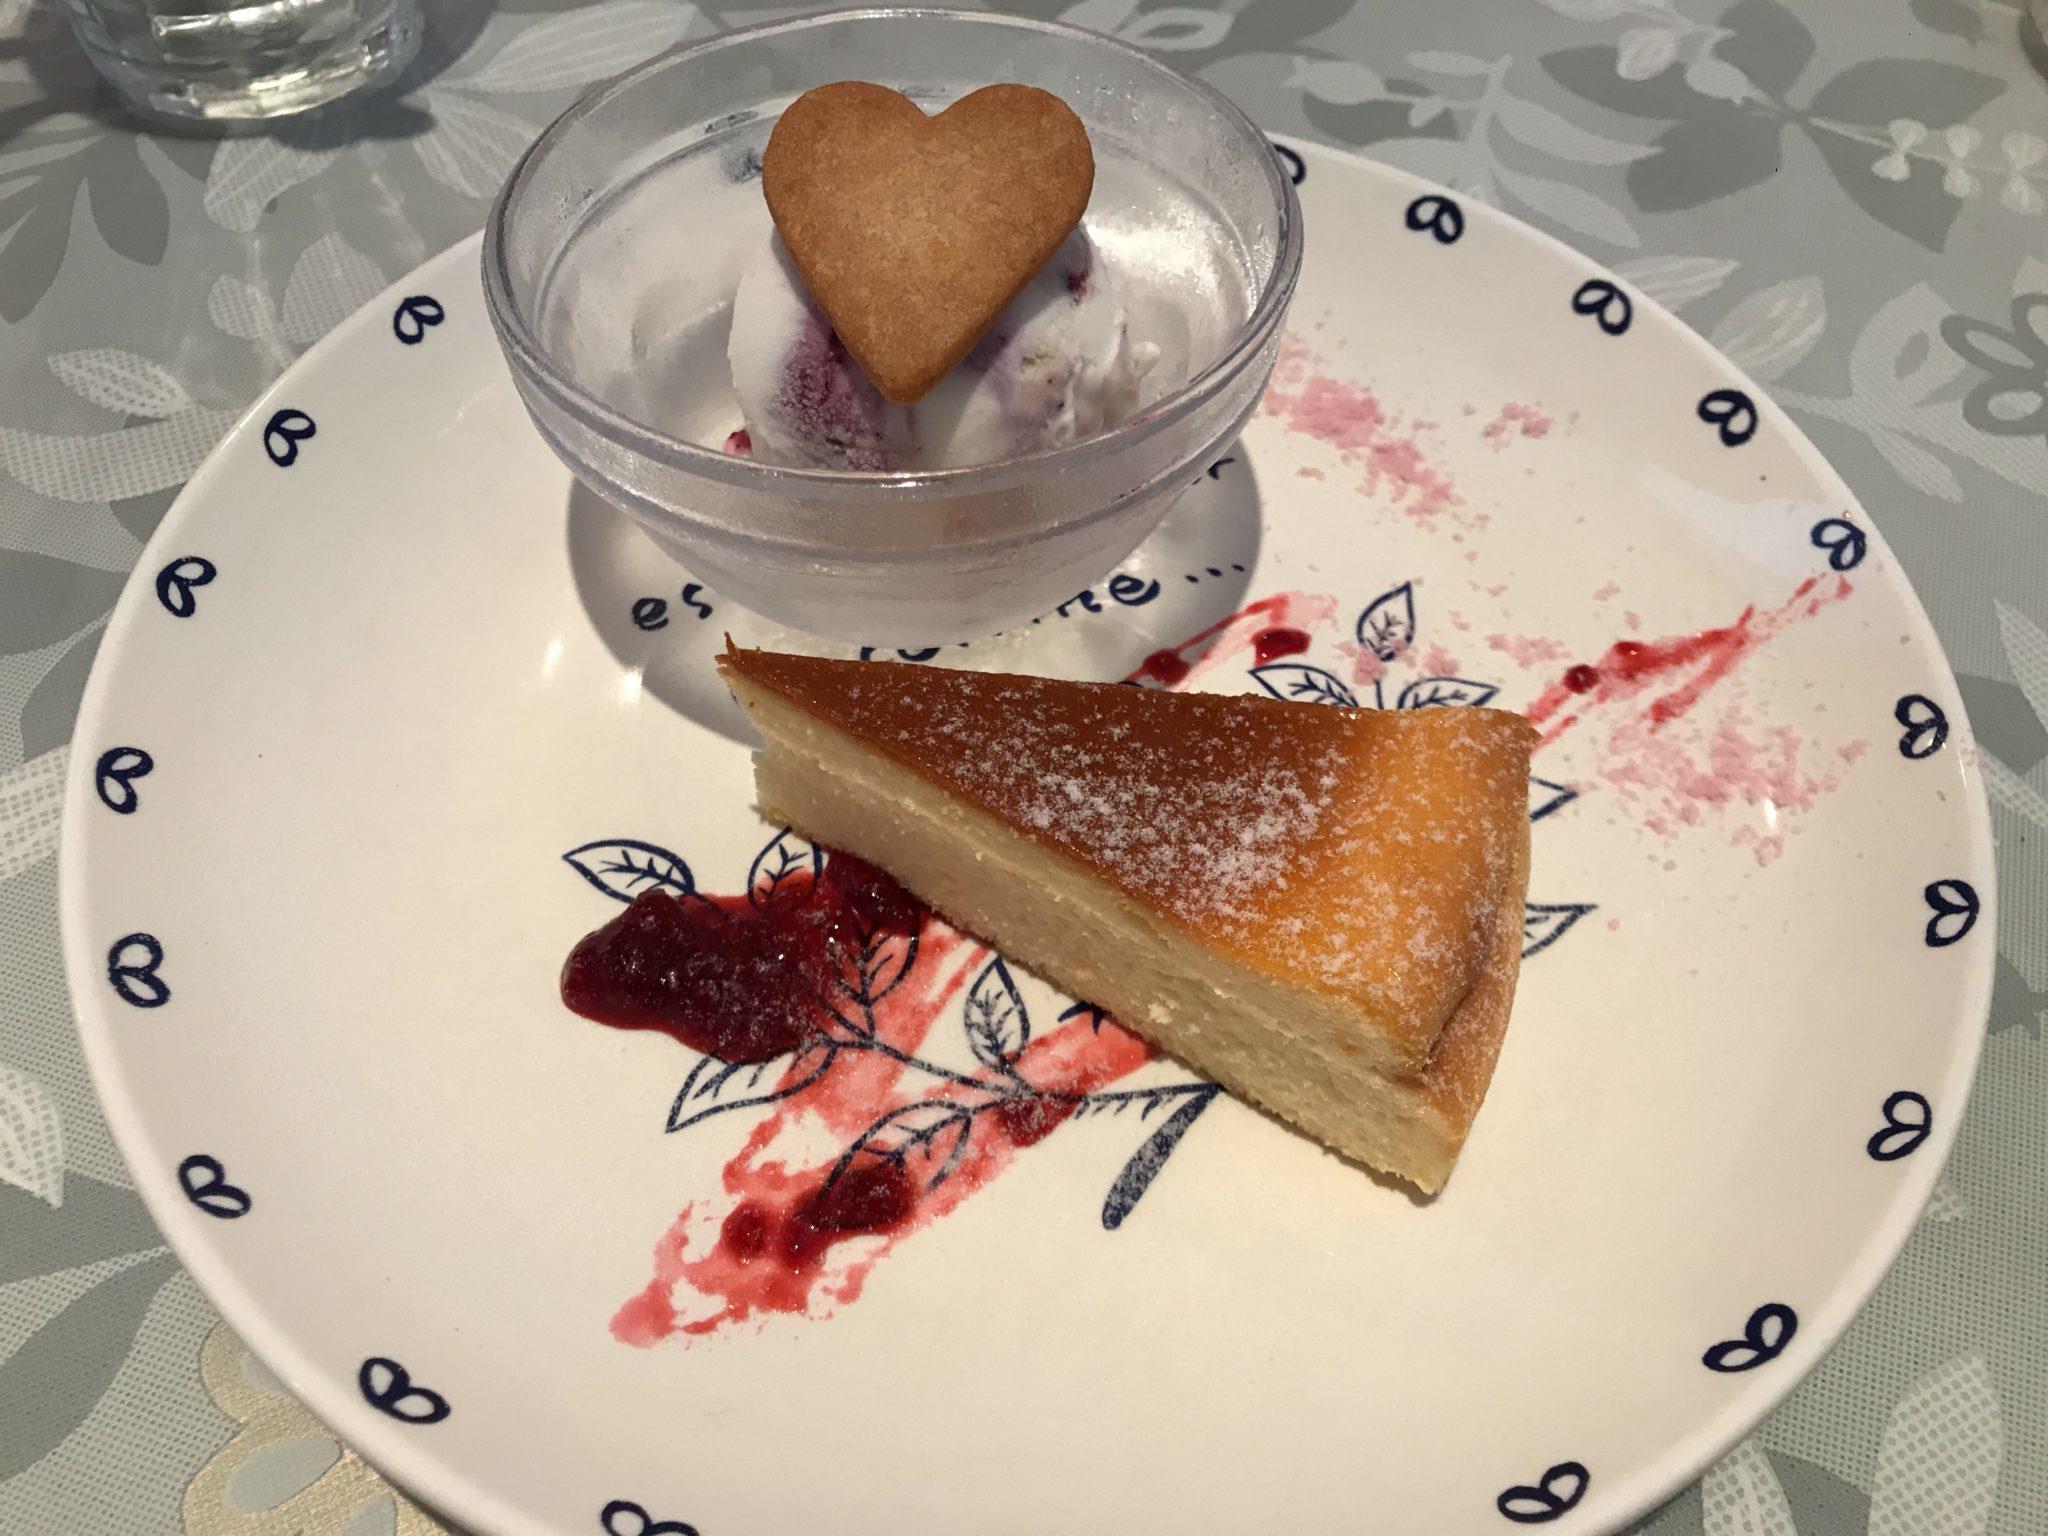 ベイクドチーズケーキとブルーベリーヨーグルトアイス